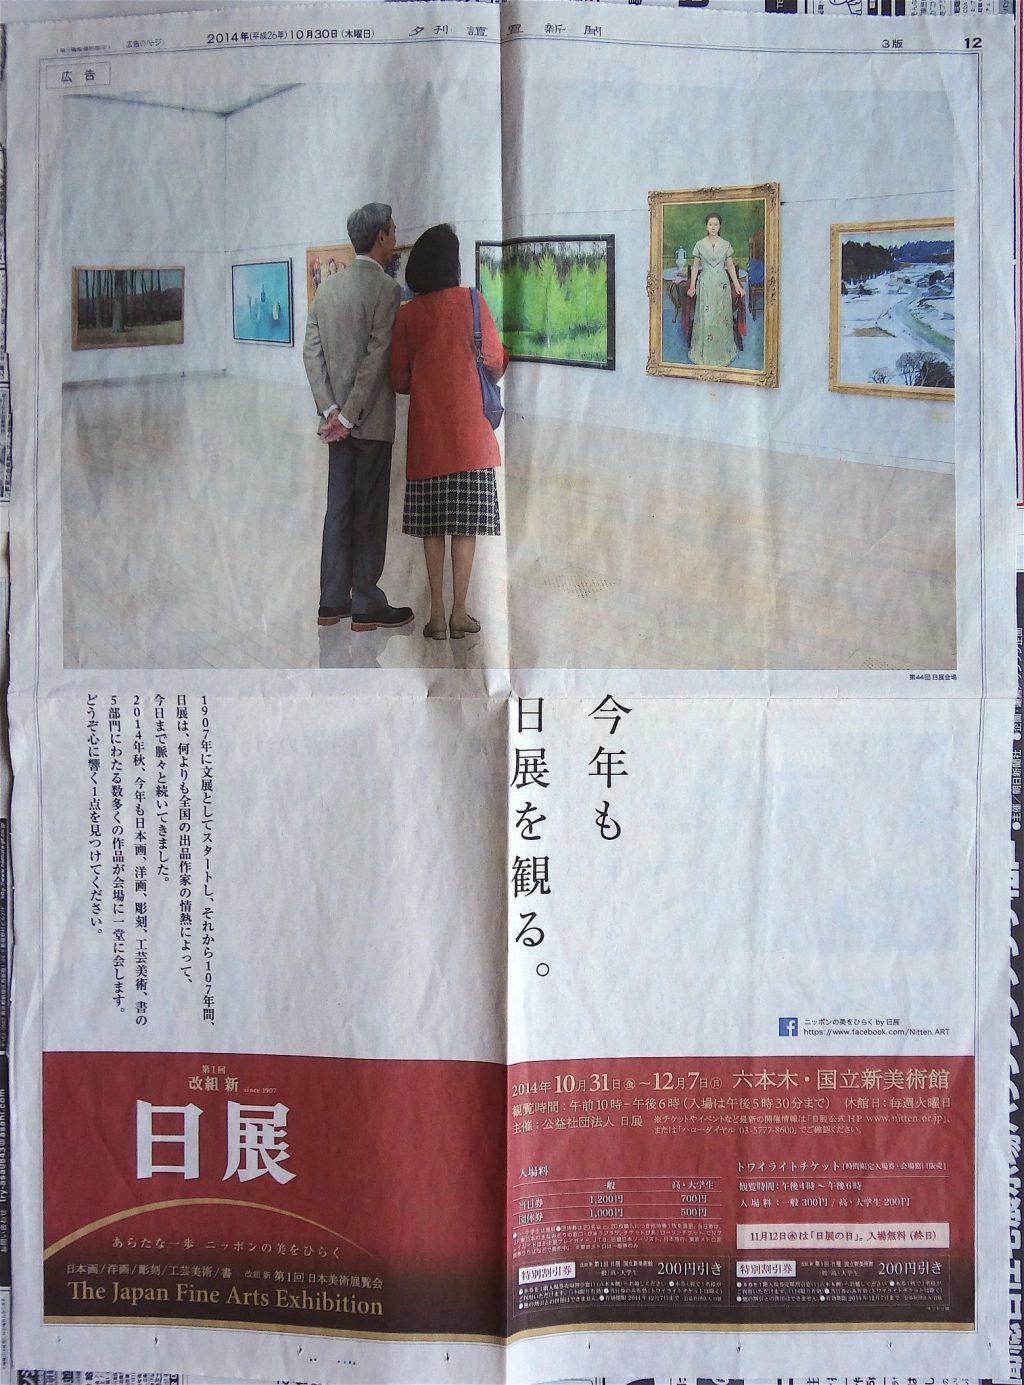 日展広告 @ 読売新聞夕刊 2014年10月30日